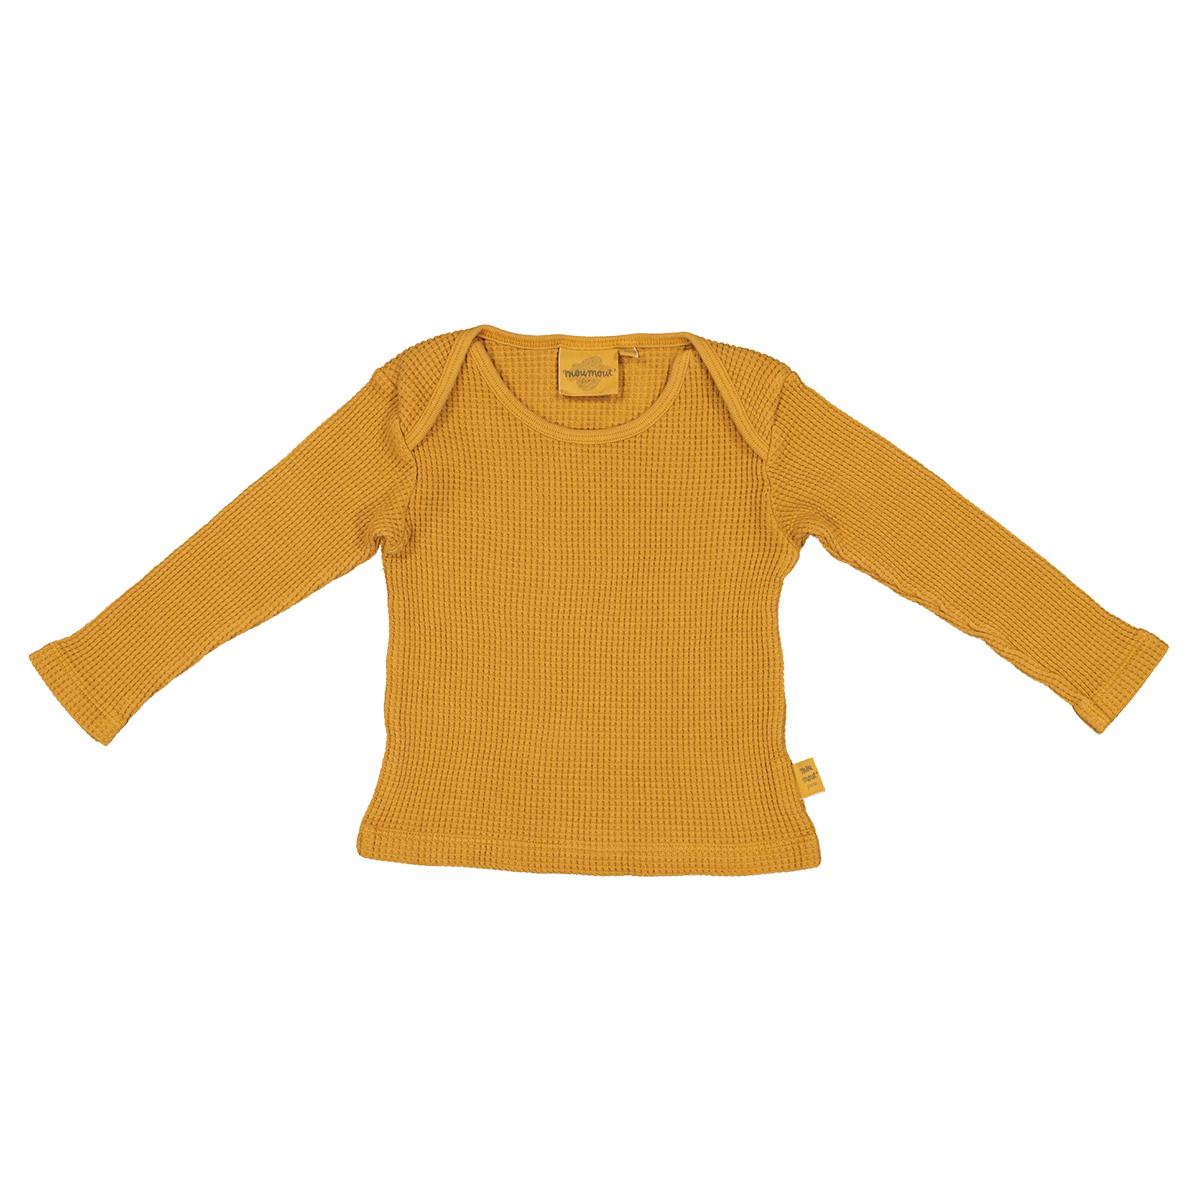 Haut bébé Tee-shirt Mü Bee Mustard - 2 Ans Tee-shirt Mü Bee Mustard - 2 Ans